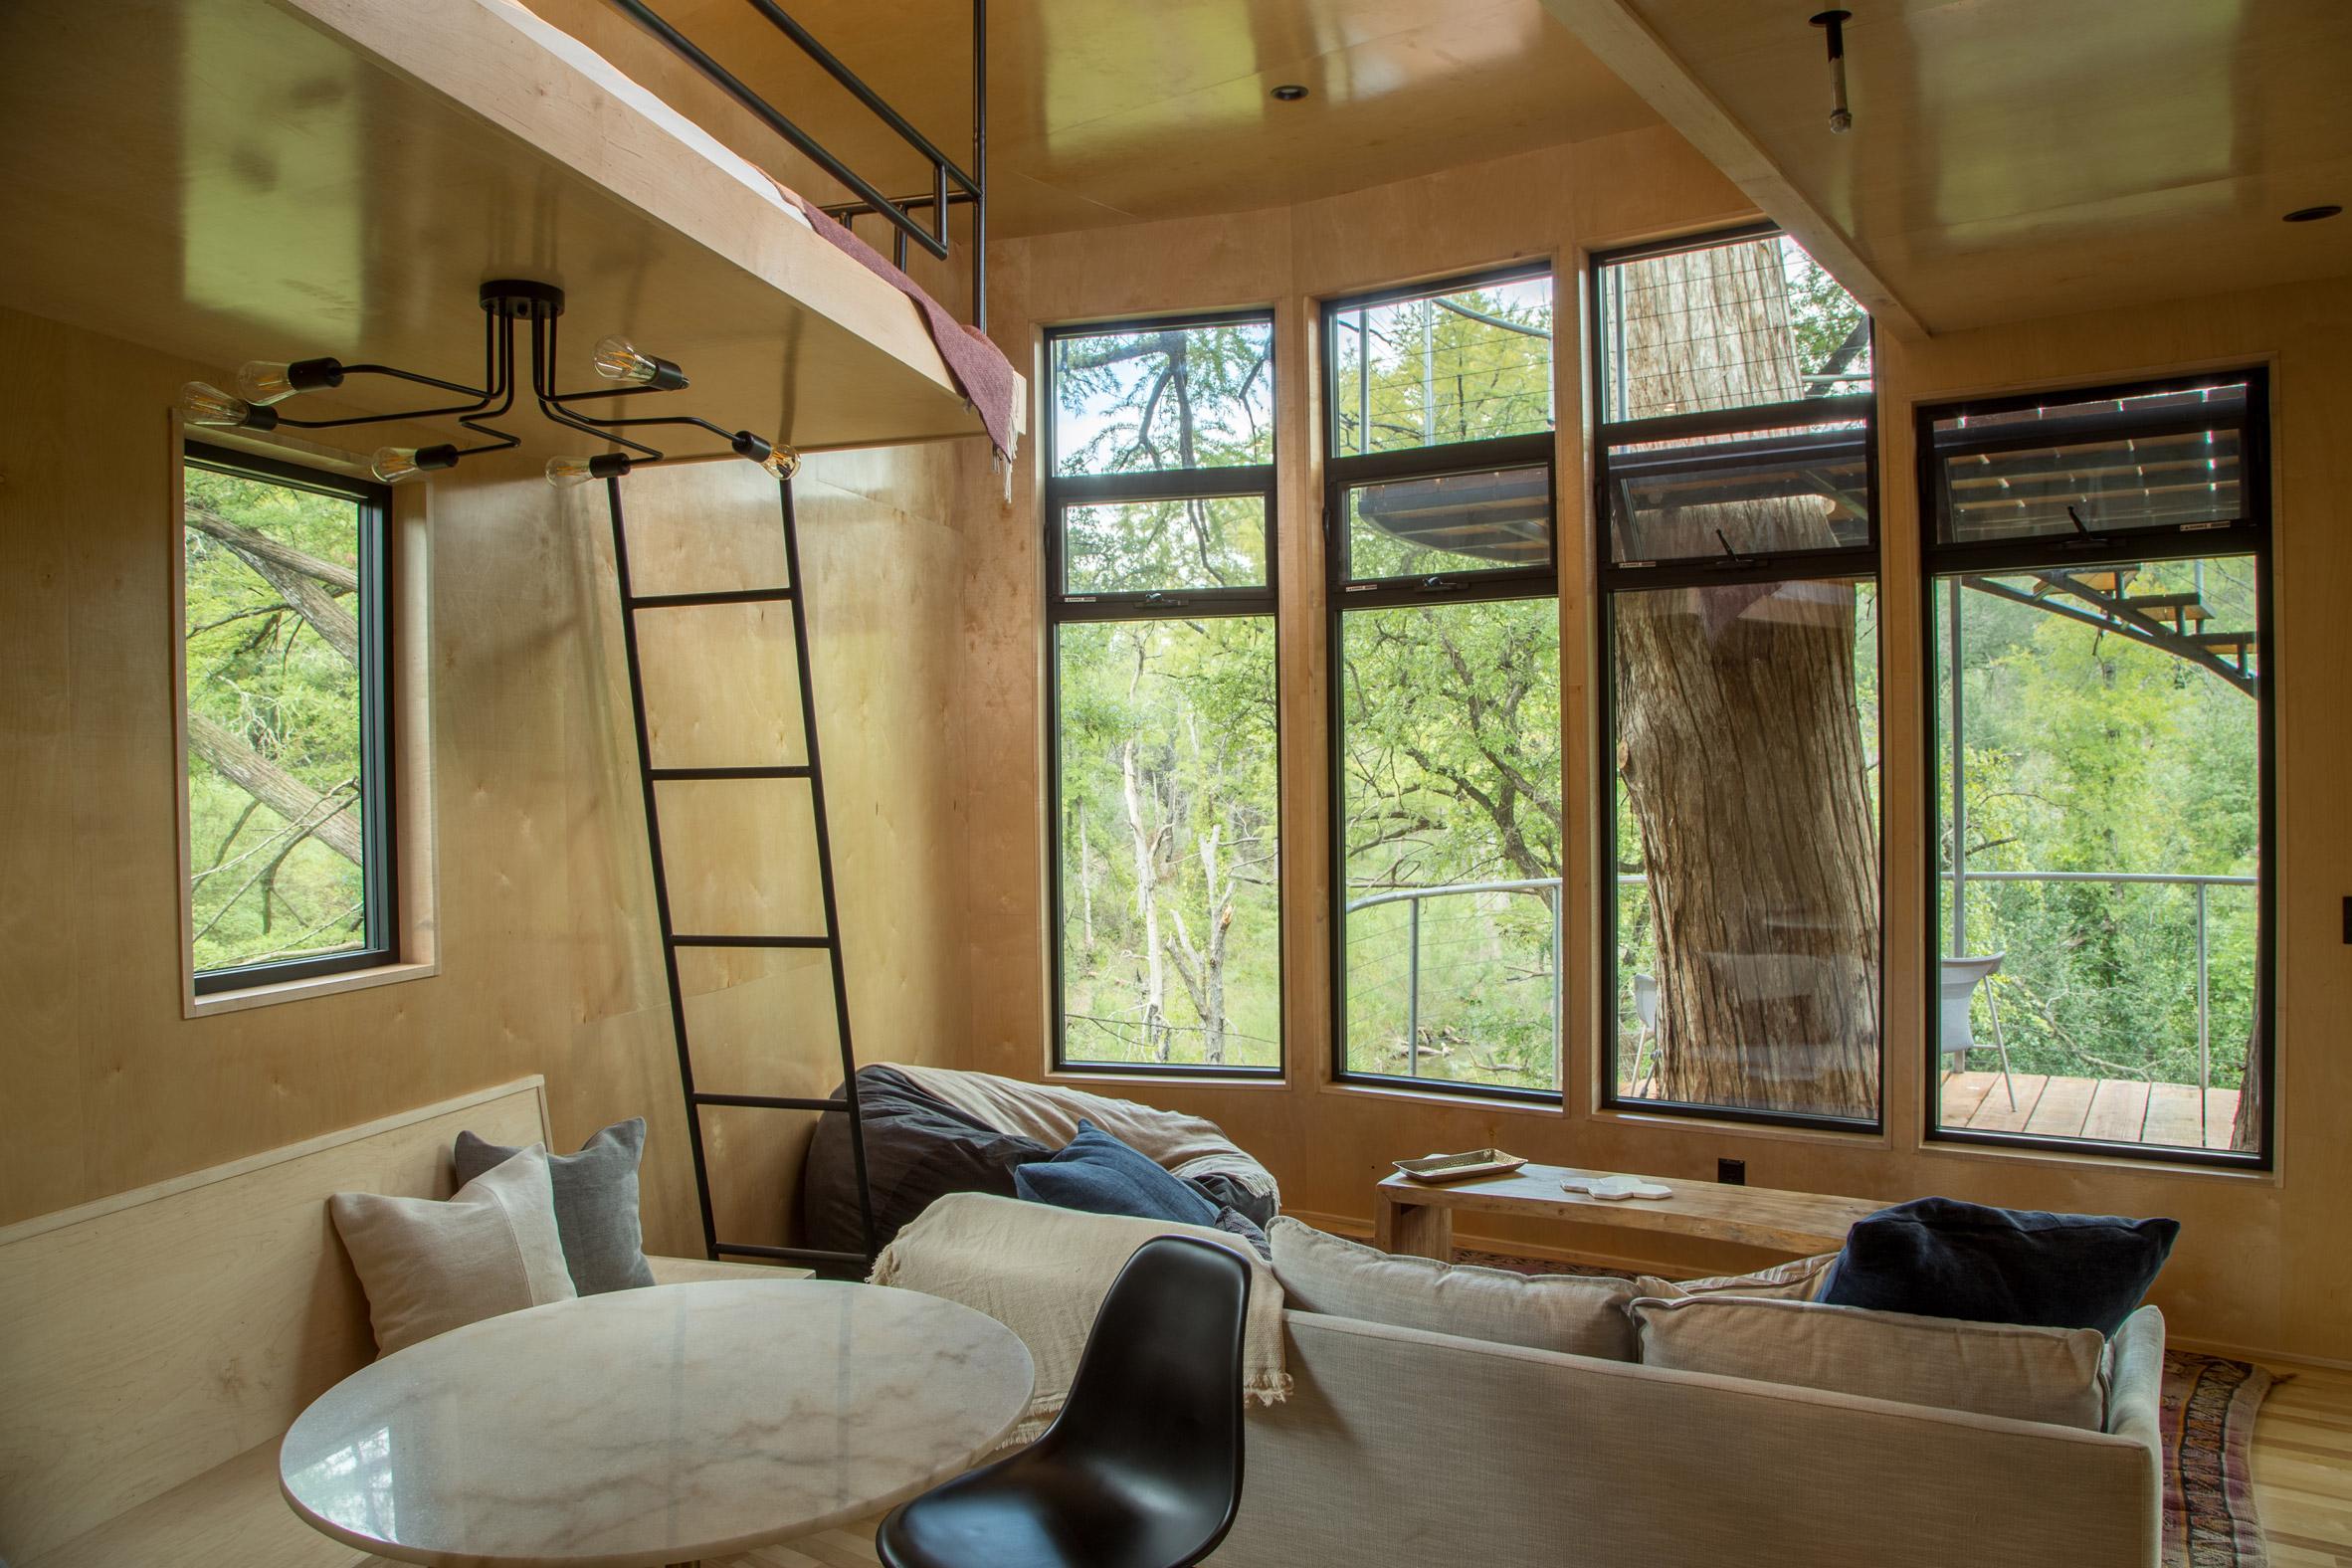 Interior de la casa del árbol / Smiling Forest/ArtisTree